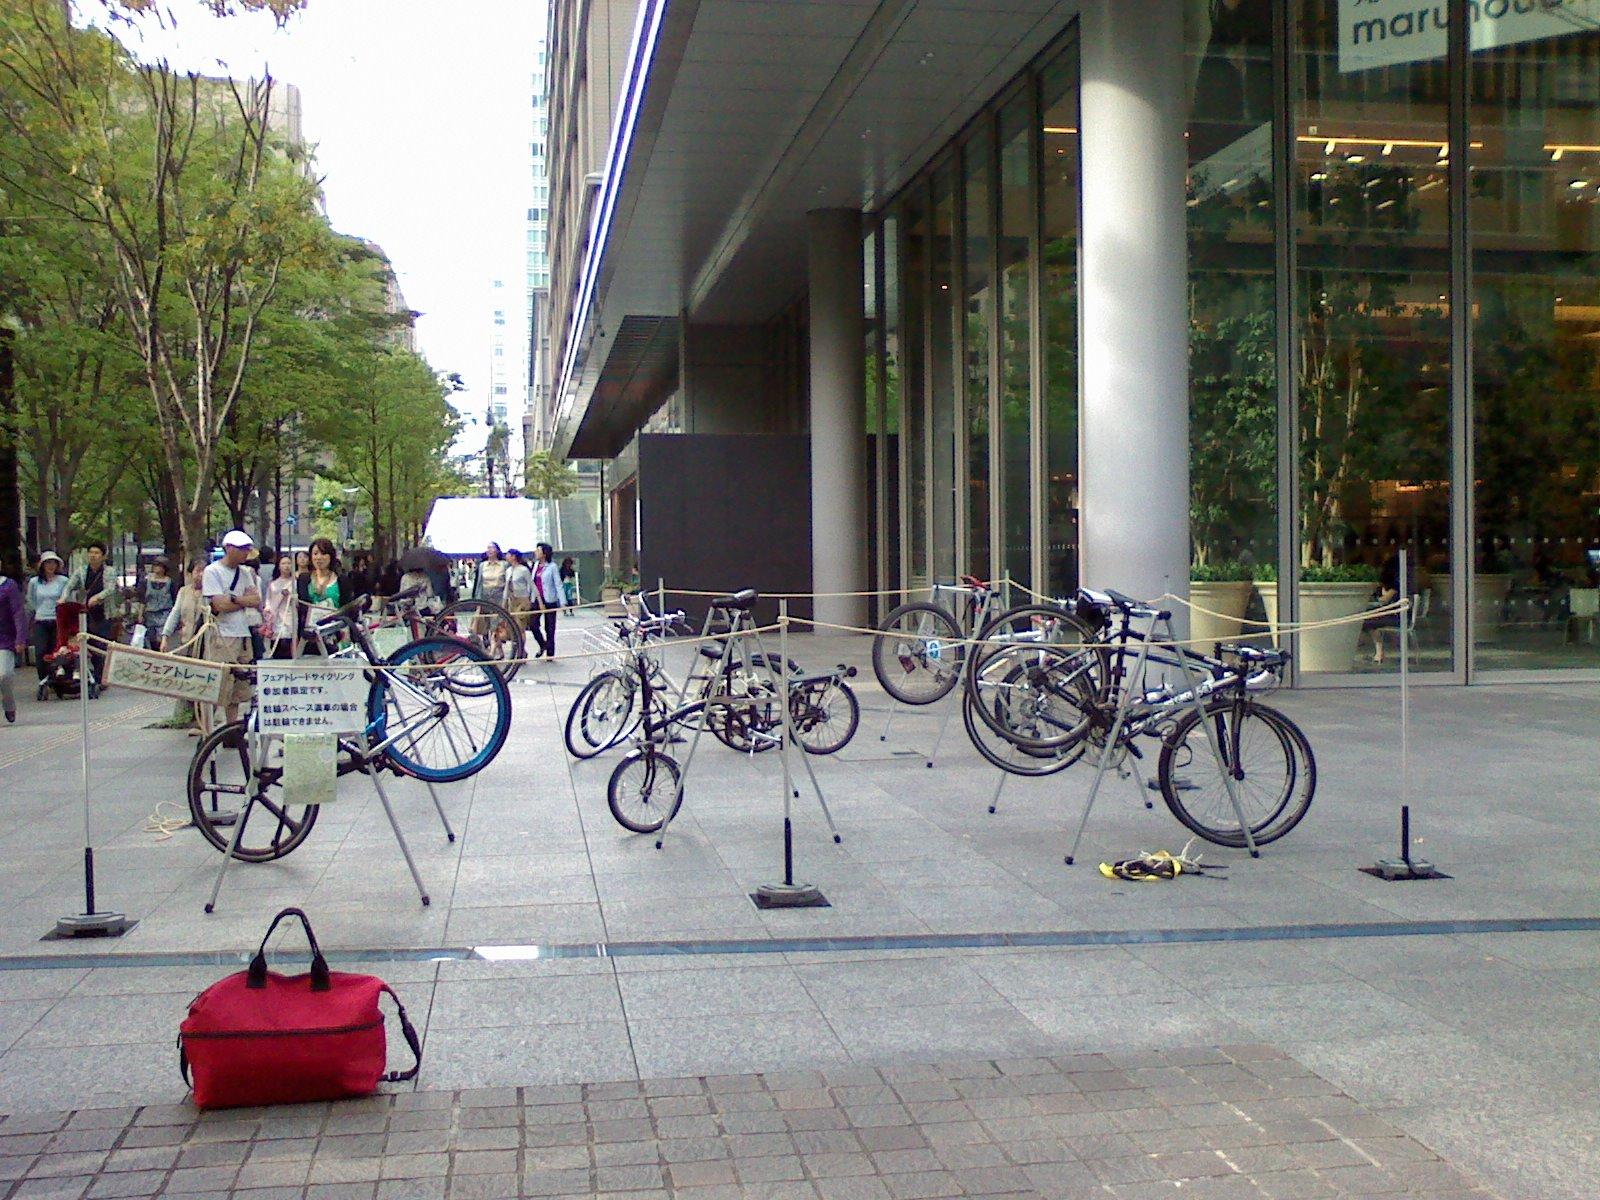 Bike Valet(バイクバレイ)in 世界フェアトレード・デー2010@丸ビル_f0063022_11122253.jpg